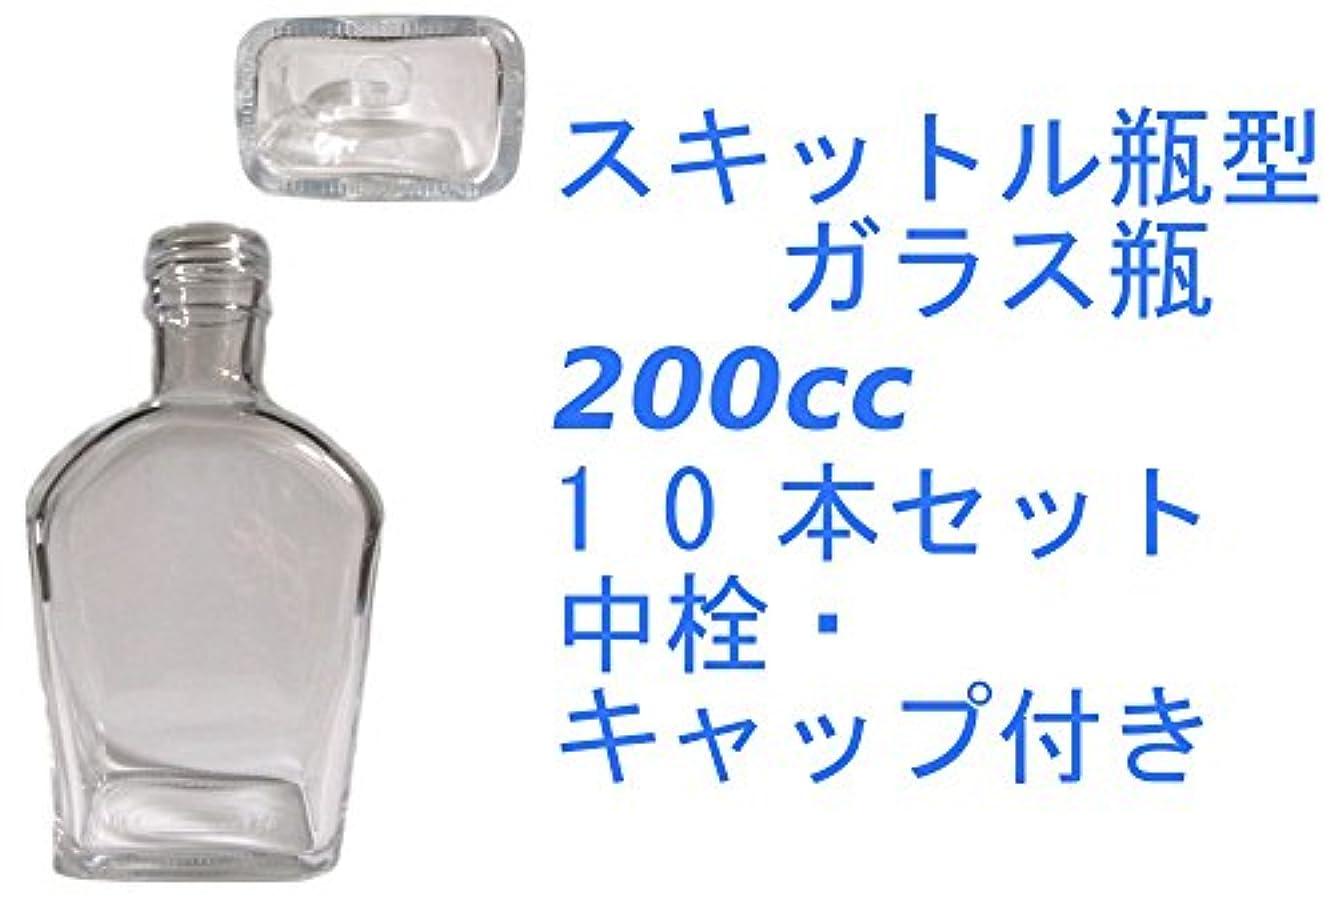 うねる崇拝する繁殖(ジャストユーズ) JustU's 日本製 ポリ栓 中栓付きスキットル型ガラス瓶 10本セット 200cc 200ml アロマディフューザー ハーバリウム 調味料 オイル タレ ドレッシング瓶 B10-SSU200A-A